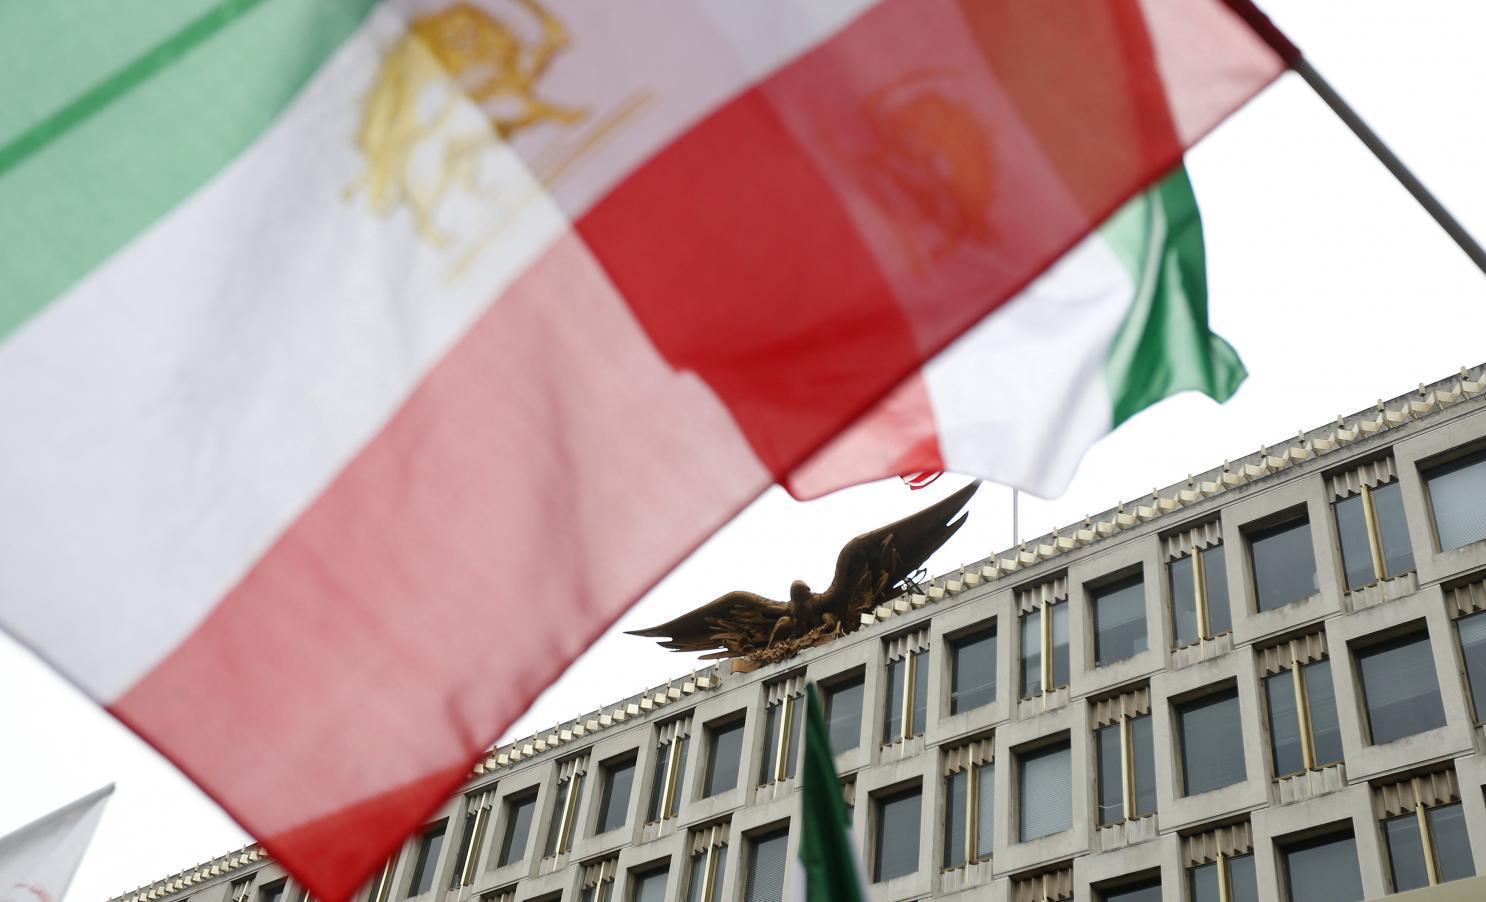 ifmat - Confronting Iran regime